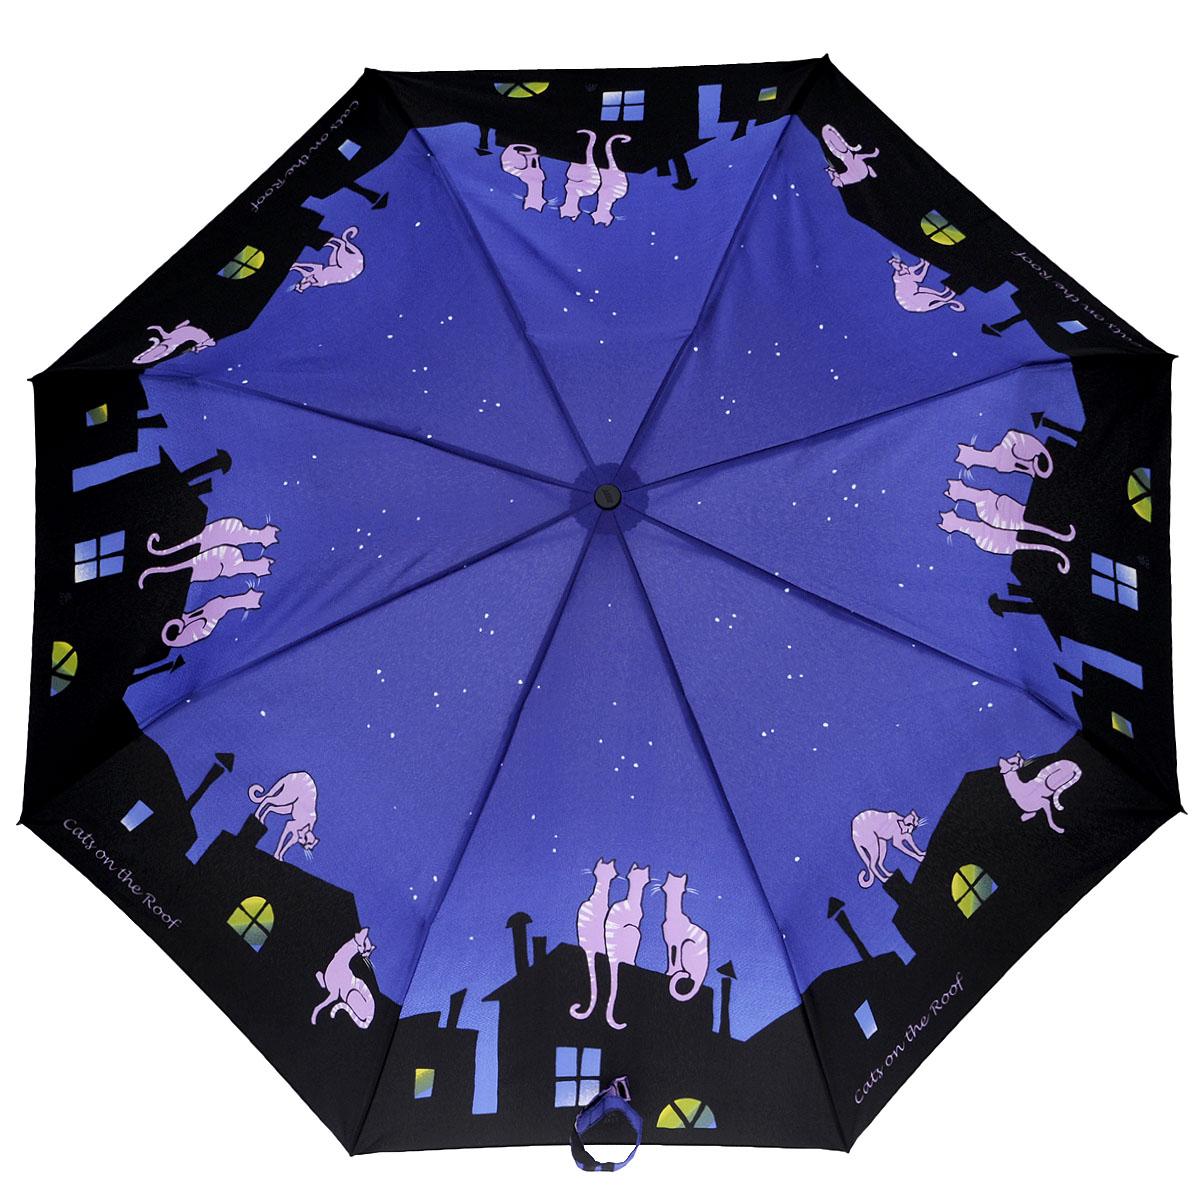 Зонт женский Zest, автомат, 3 сложения, цвет: синий, черный. 23926-27823926-278Очаровательный автоматический зонт Zest в 3 сложения изготовлен из высокопрочных материалов. Каркас зонта состоит из 8 спиц и прочного алюминиевого стержня. Специальная система Windproof защищает его от поломок во время сильных порывов ветра. Купол зонта выполнен из прочного полиэстера с водоотталкивающей пропиткой и оформлен изображением котов на фоне ночного города. Используемые высококачественные красители обеспечивают длительное сохранение свойств ткани купола. Рукоятка, разработанная с учетом требований эргономики, выполнена из пластика. Зонт имеет полный автоматический механизм сложения: купол открывается и закрывается нажатием кнопки на рукоятке, стержень складывается вручную до характерного щелчка. Благодаря этому открыть и закрыть зонт можно одной рукой, что чрезвычайно удобно при входе в транспорт или помещение. Небольшой шнурок, расположенный на рукоятке, позволяет надеть изделие на руку при необходимости. Модель закрывается при помощи хлястика на...